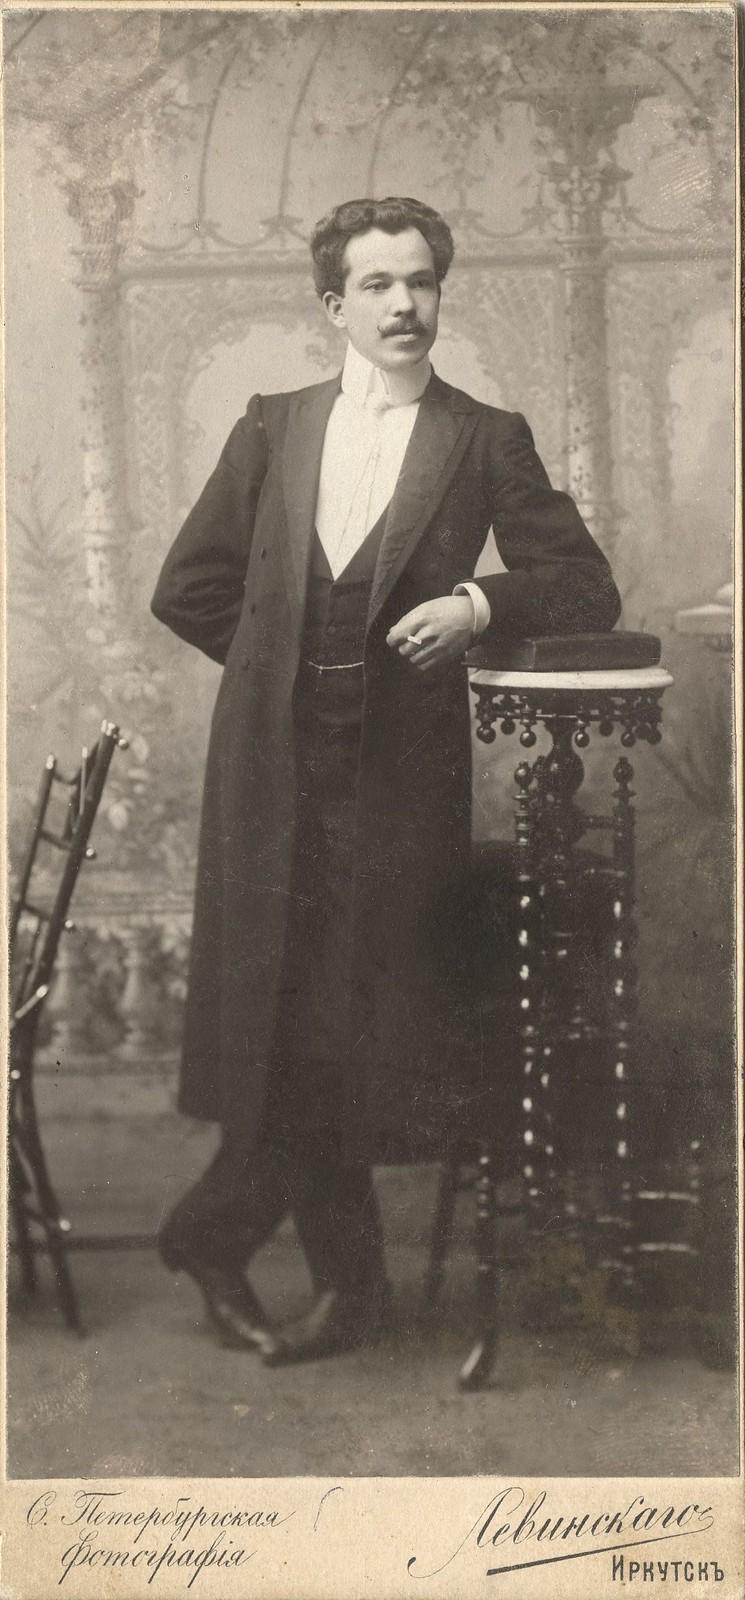 1910. Портрет молодого мужчины во фраке.